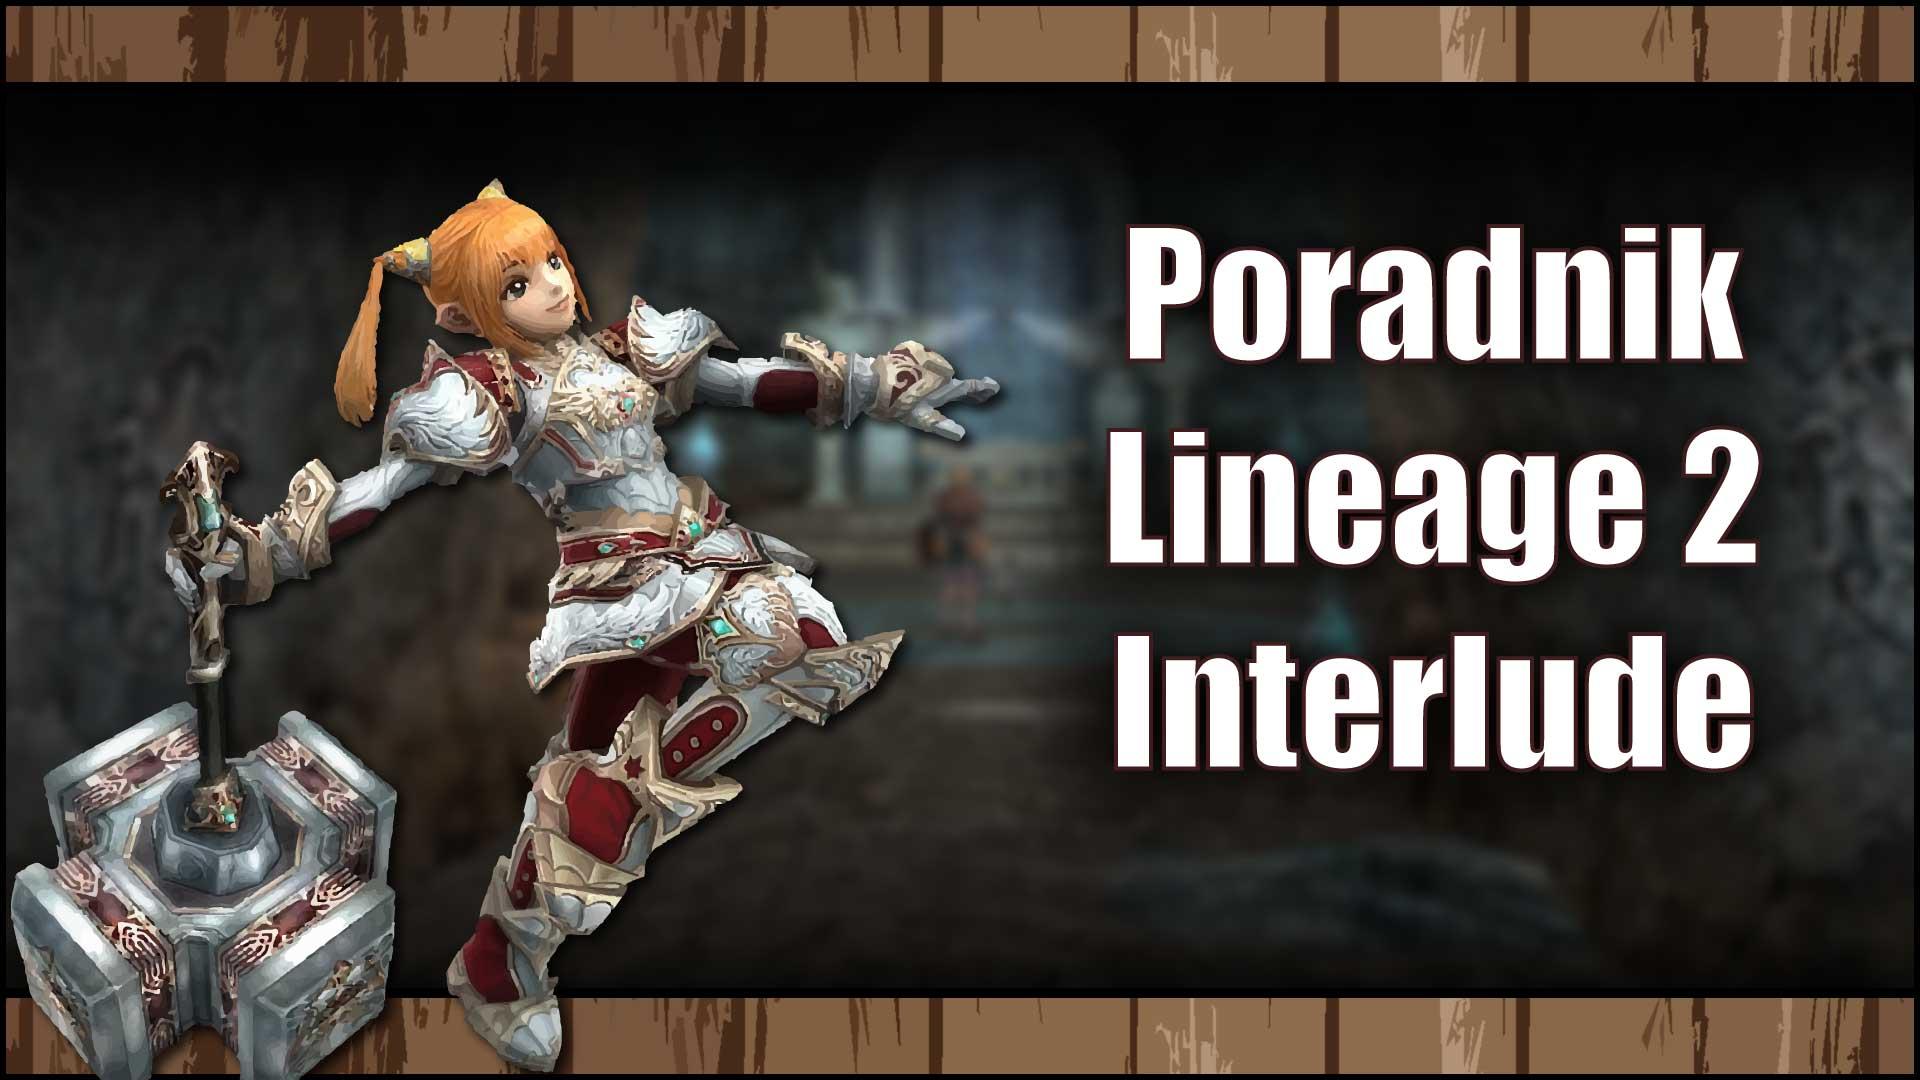 Poradnik Lineage 2 Interlude 2021